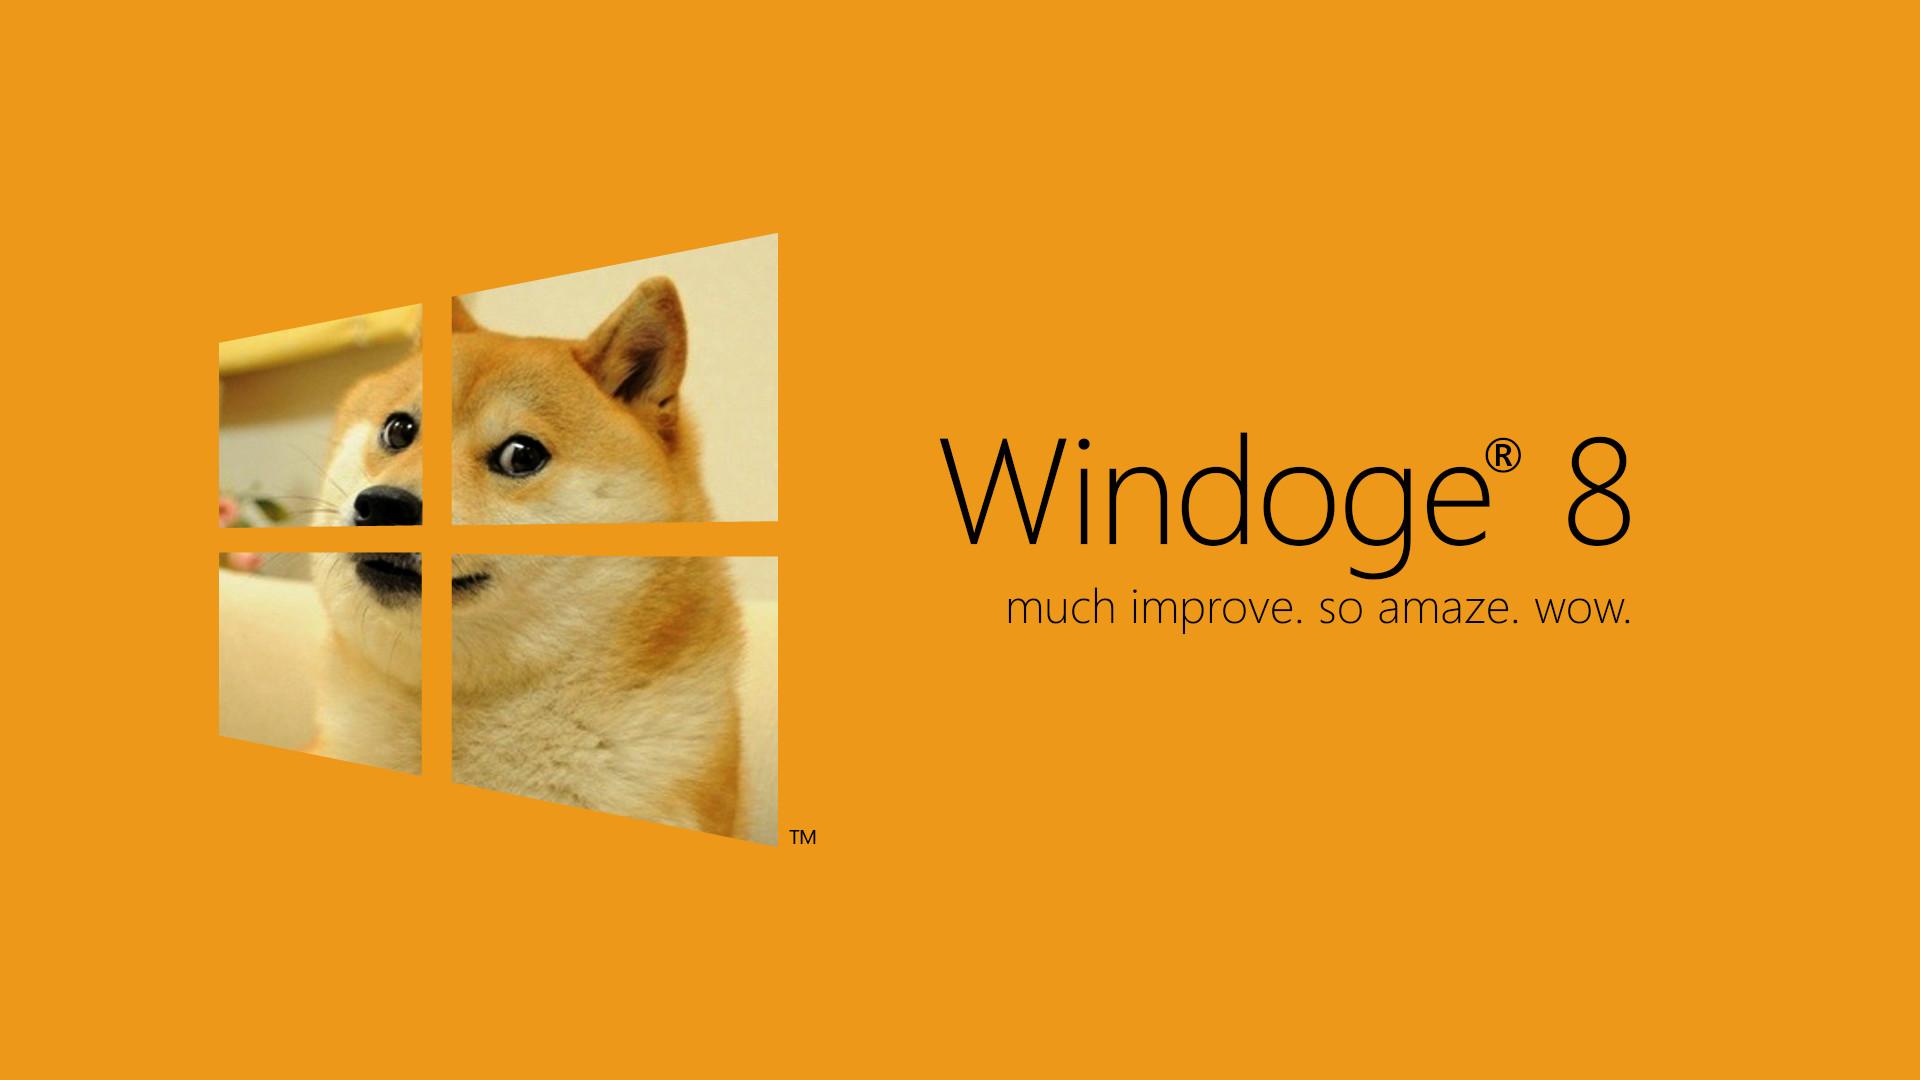 Funny Dog Meme Backgrounds : Doge wallpaper  images